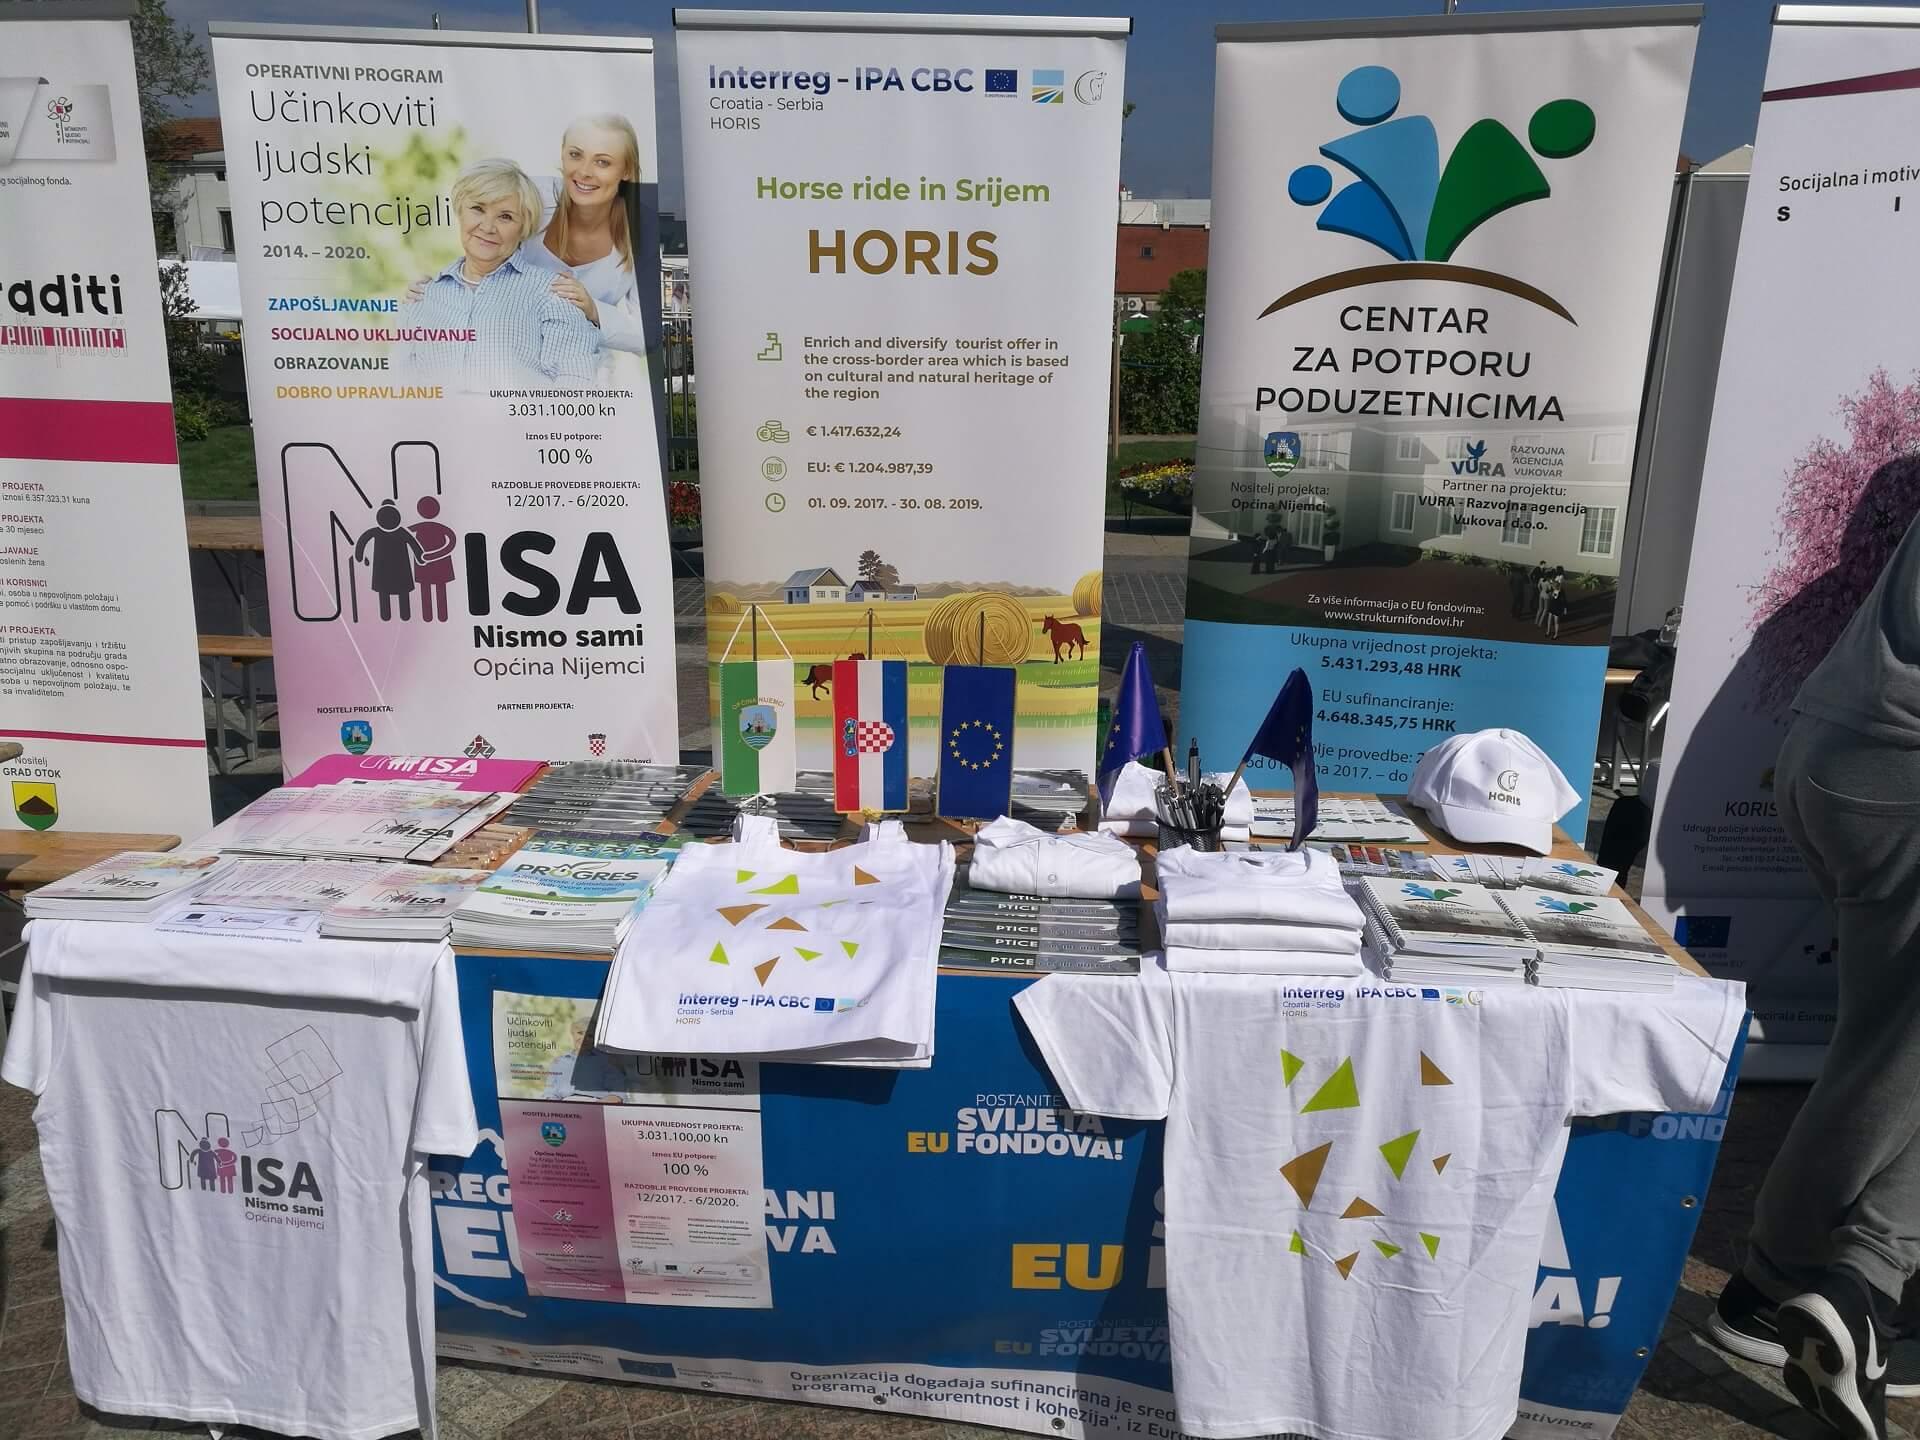 """Manifestacija """"Regionalni dani EU fondova"""" održana u Vukovaru"""